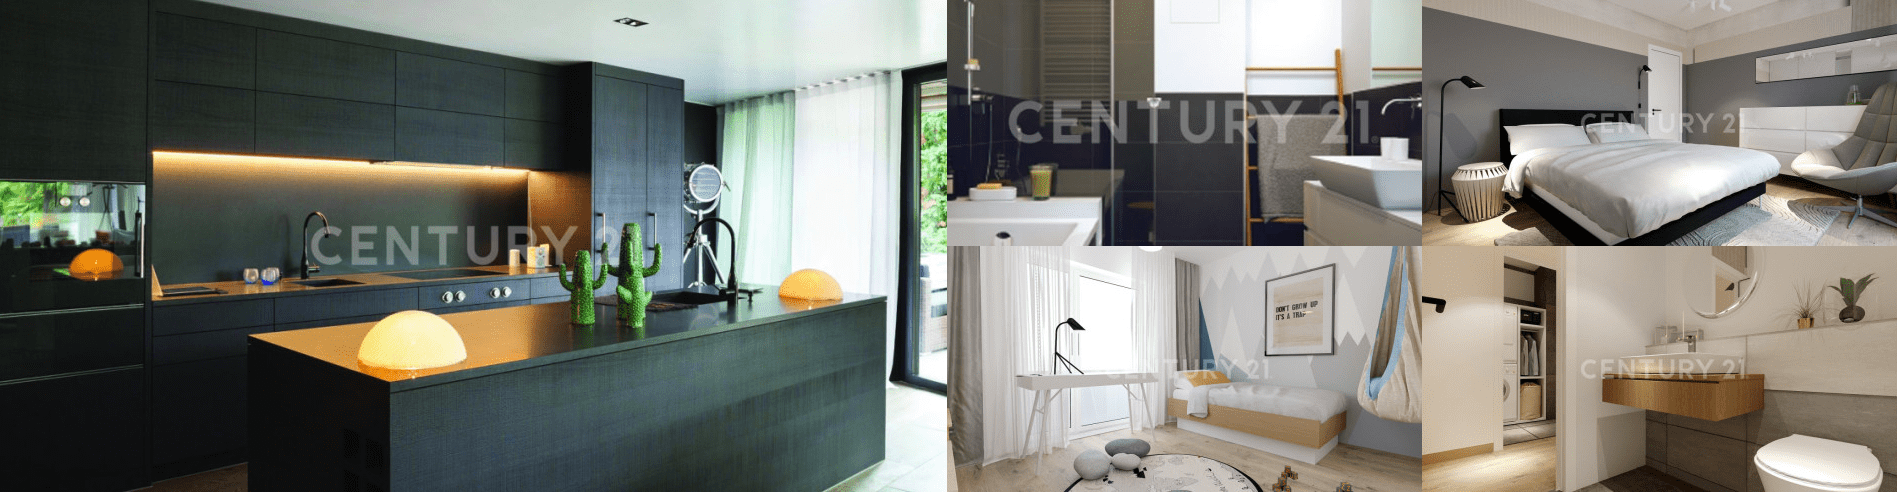 Viel Platz für optimale Wohnqualität! Penthouse 4 ZKB mitten in Neusäß